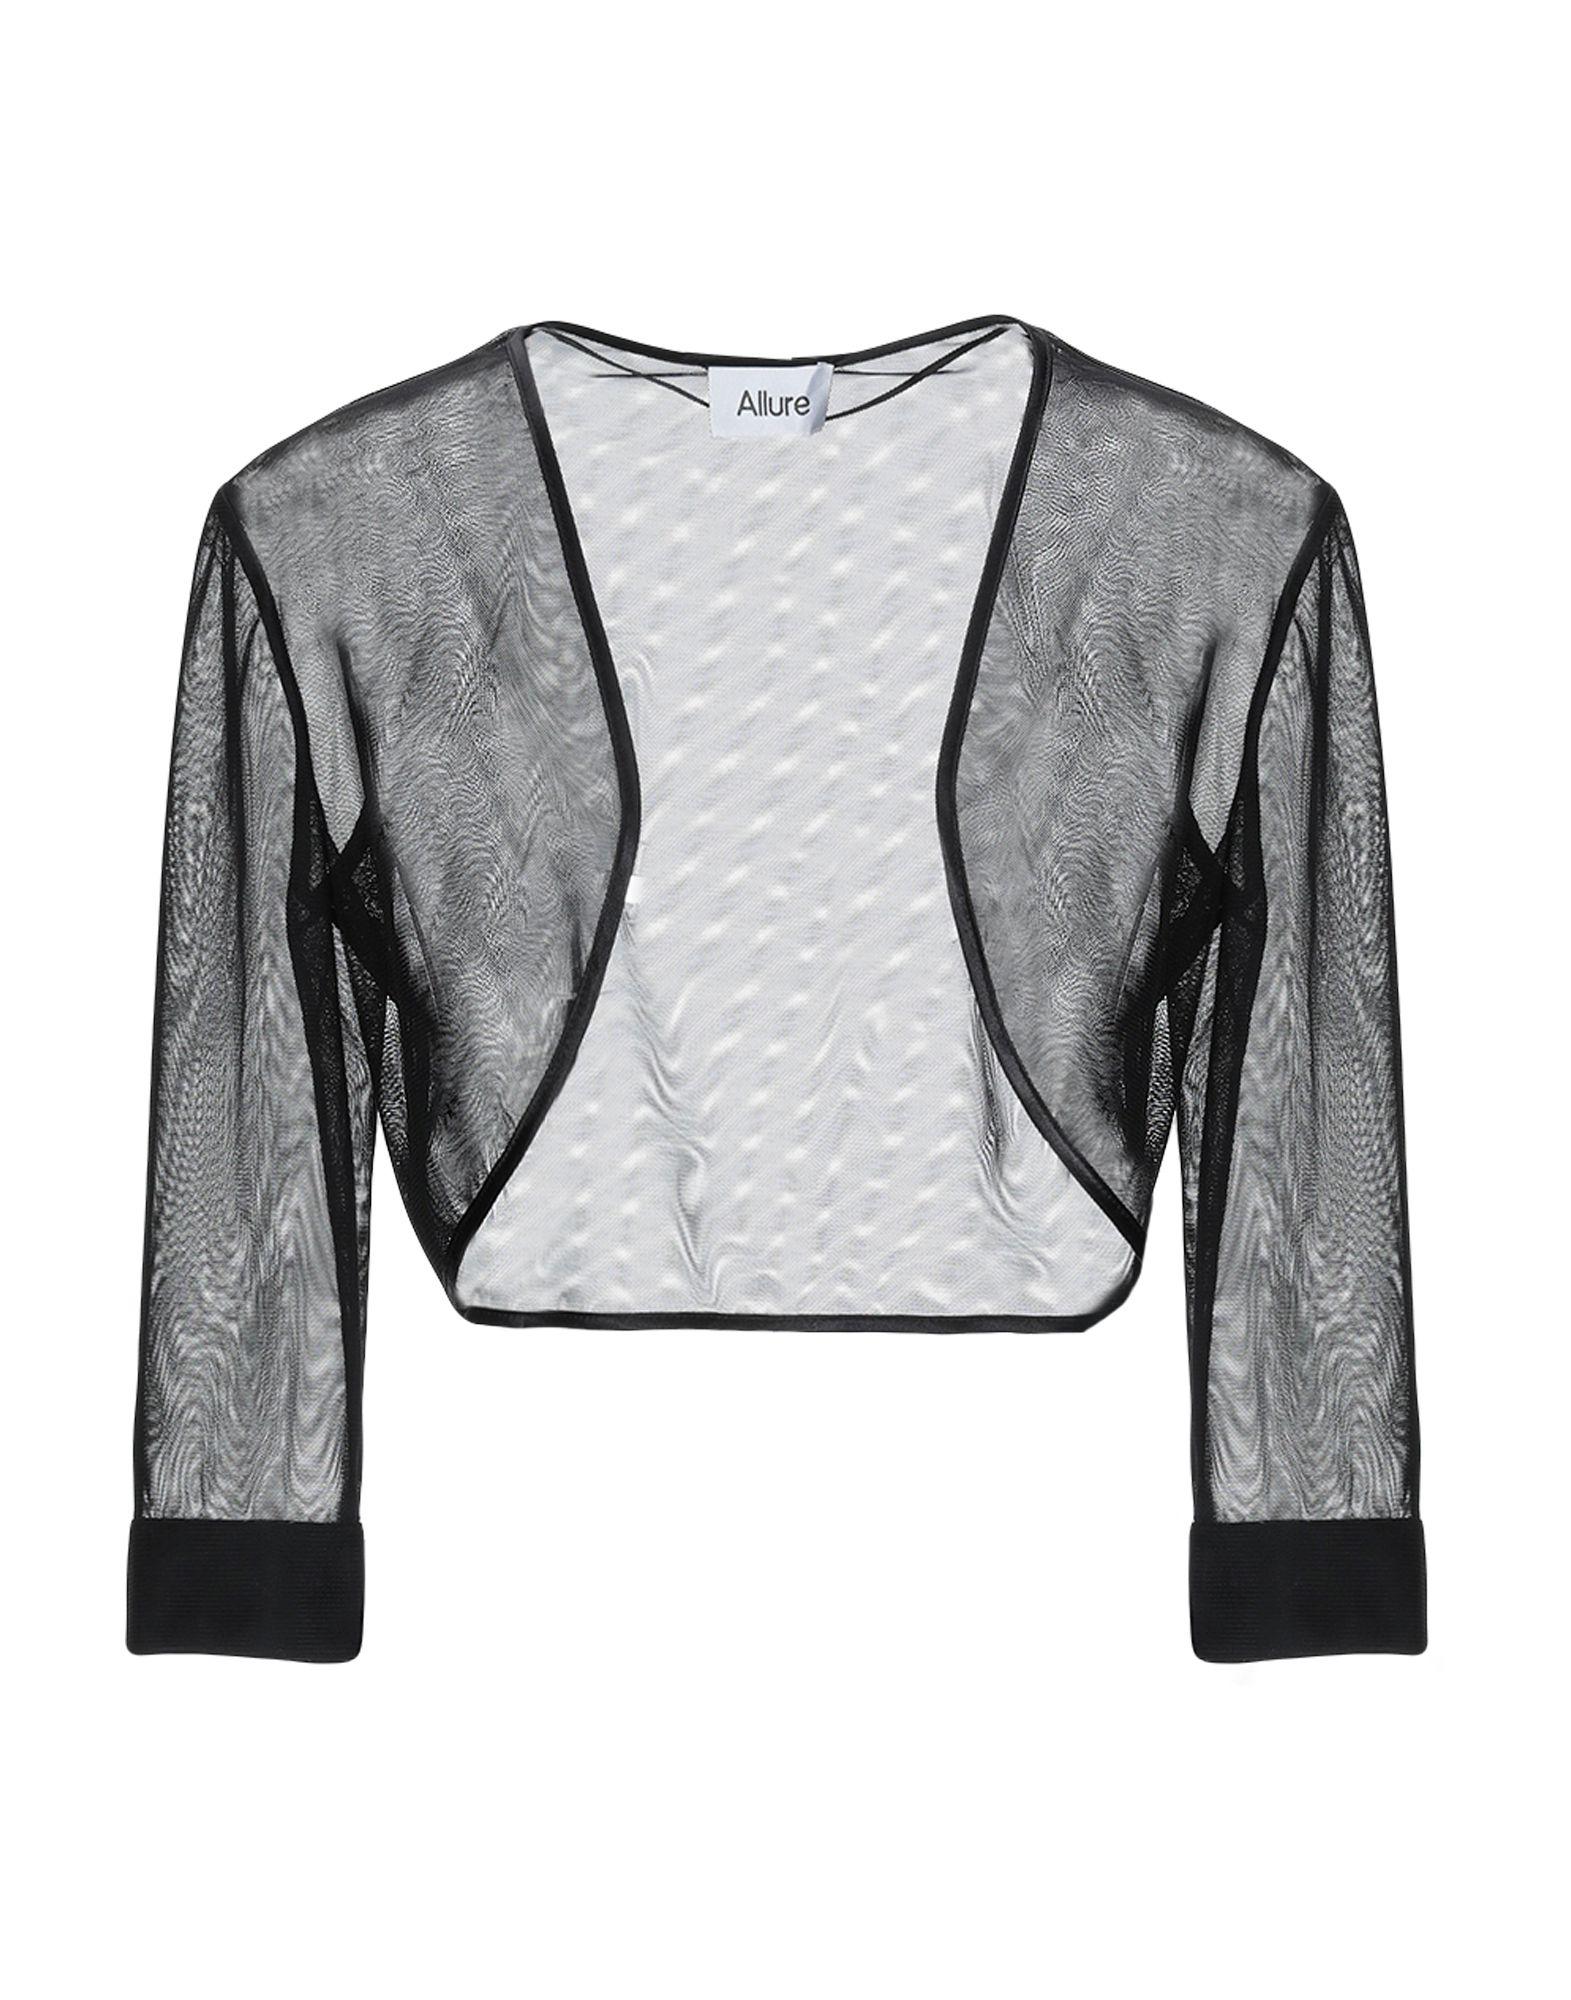 《送料無料》ALLURE レディース テーラードジャケット ブラック 6 ポリエステル 100%